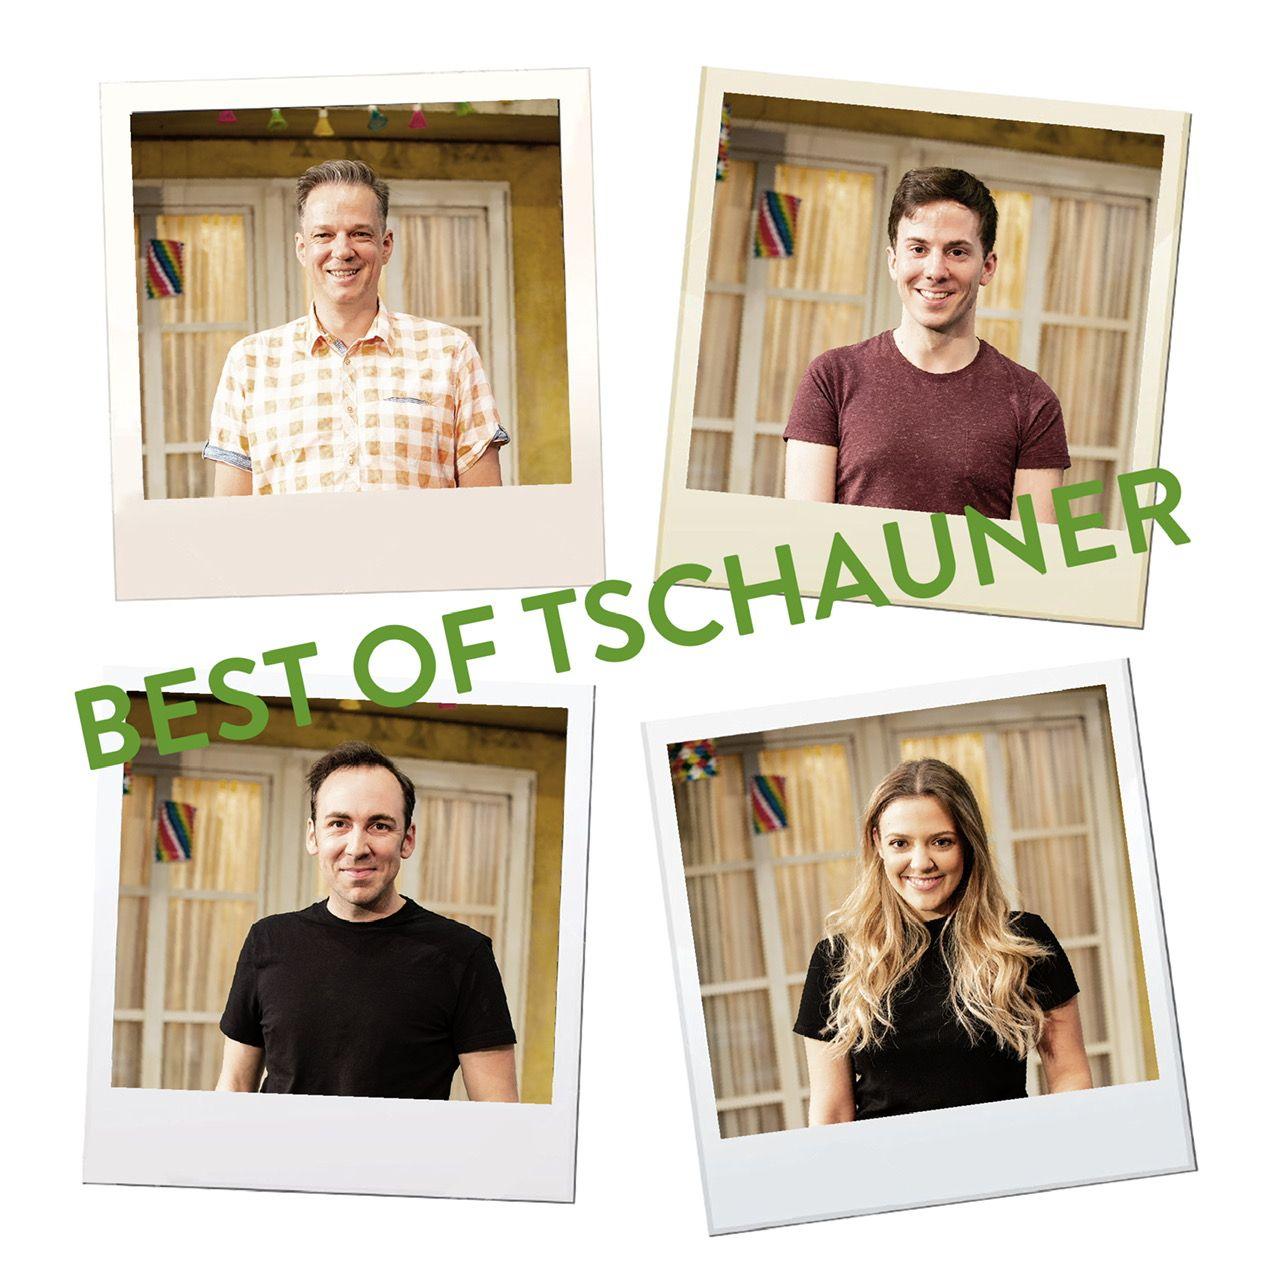 Best of Tschauner